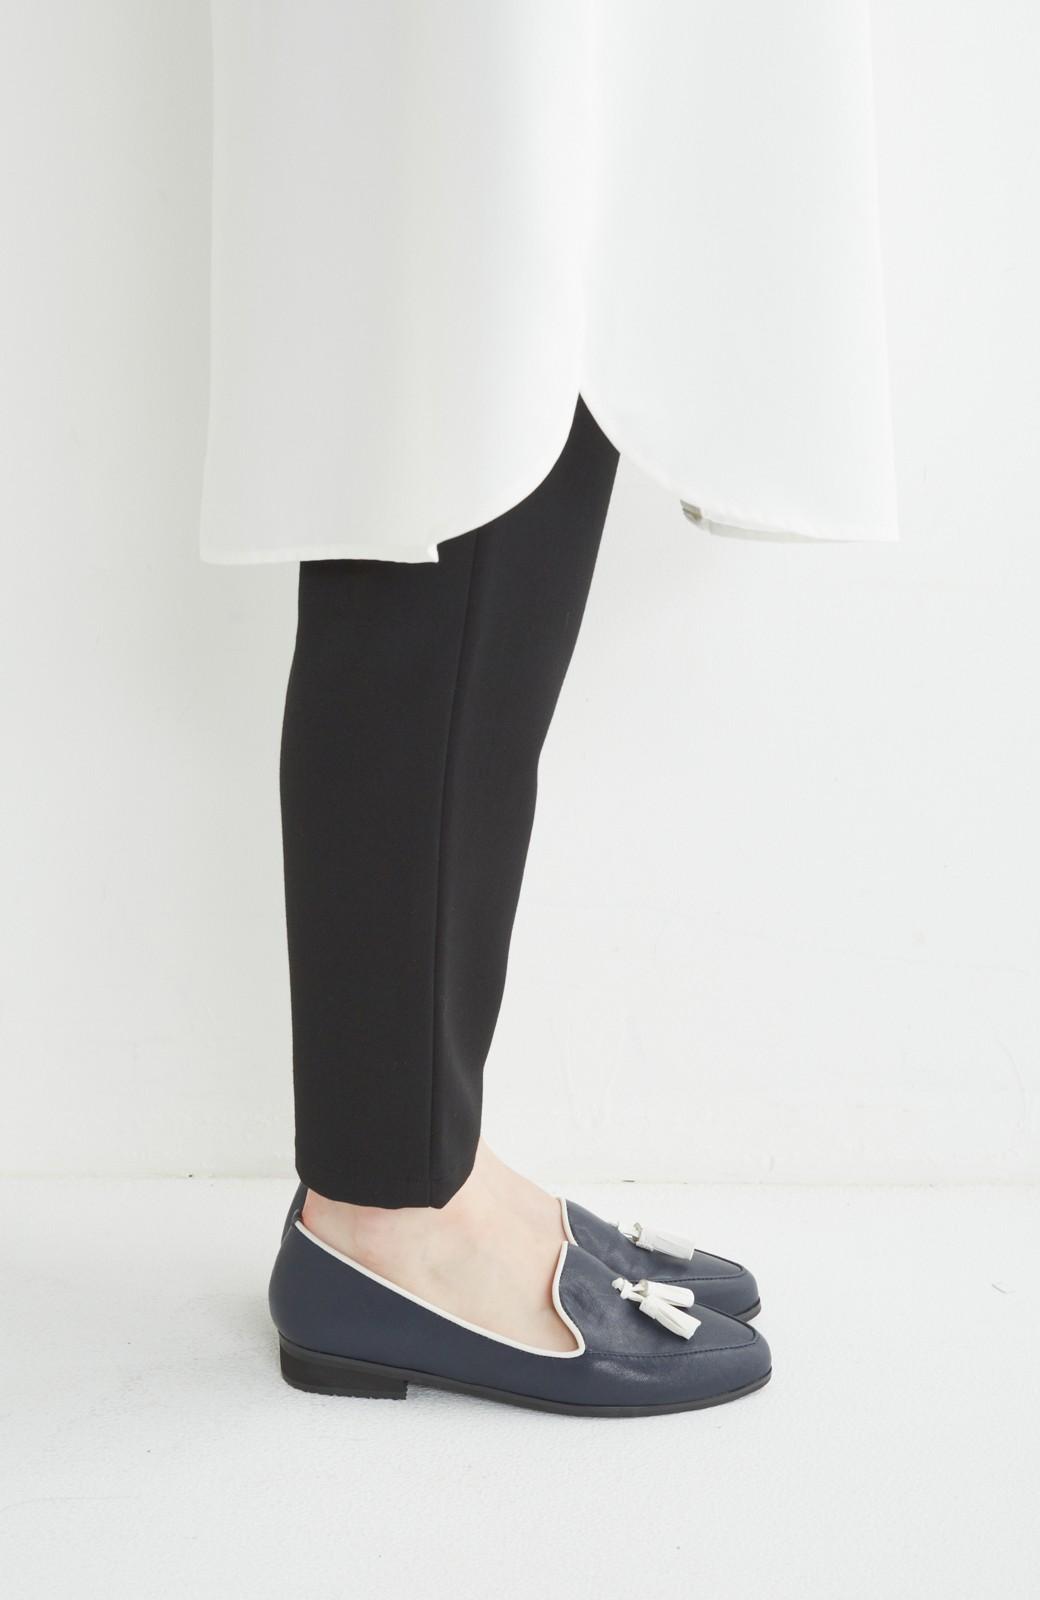 nusy 【mer11月号】足もとポイントのタッセルフラットシューズ <ネイビー>の商品写真4